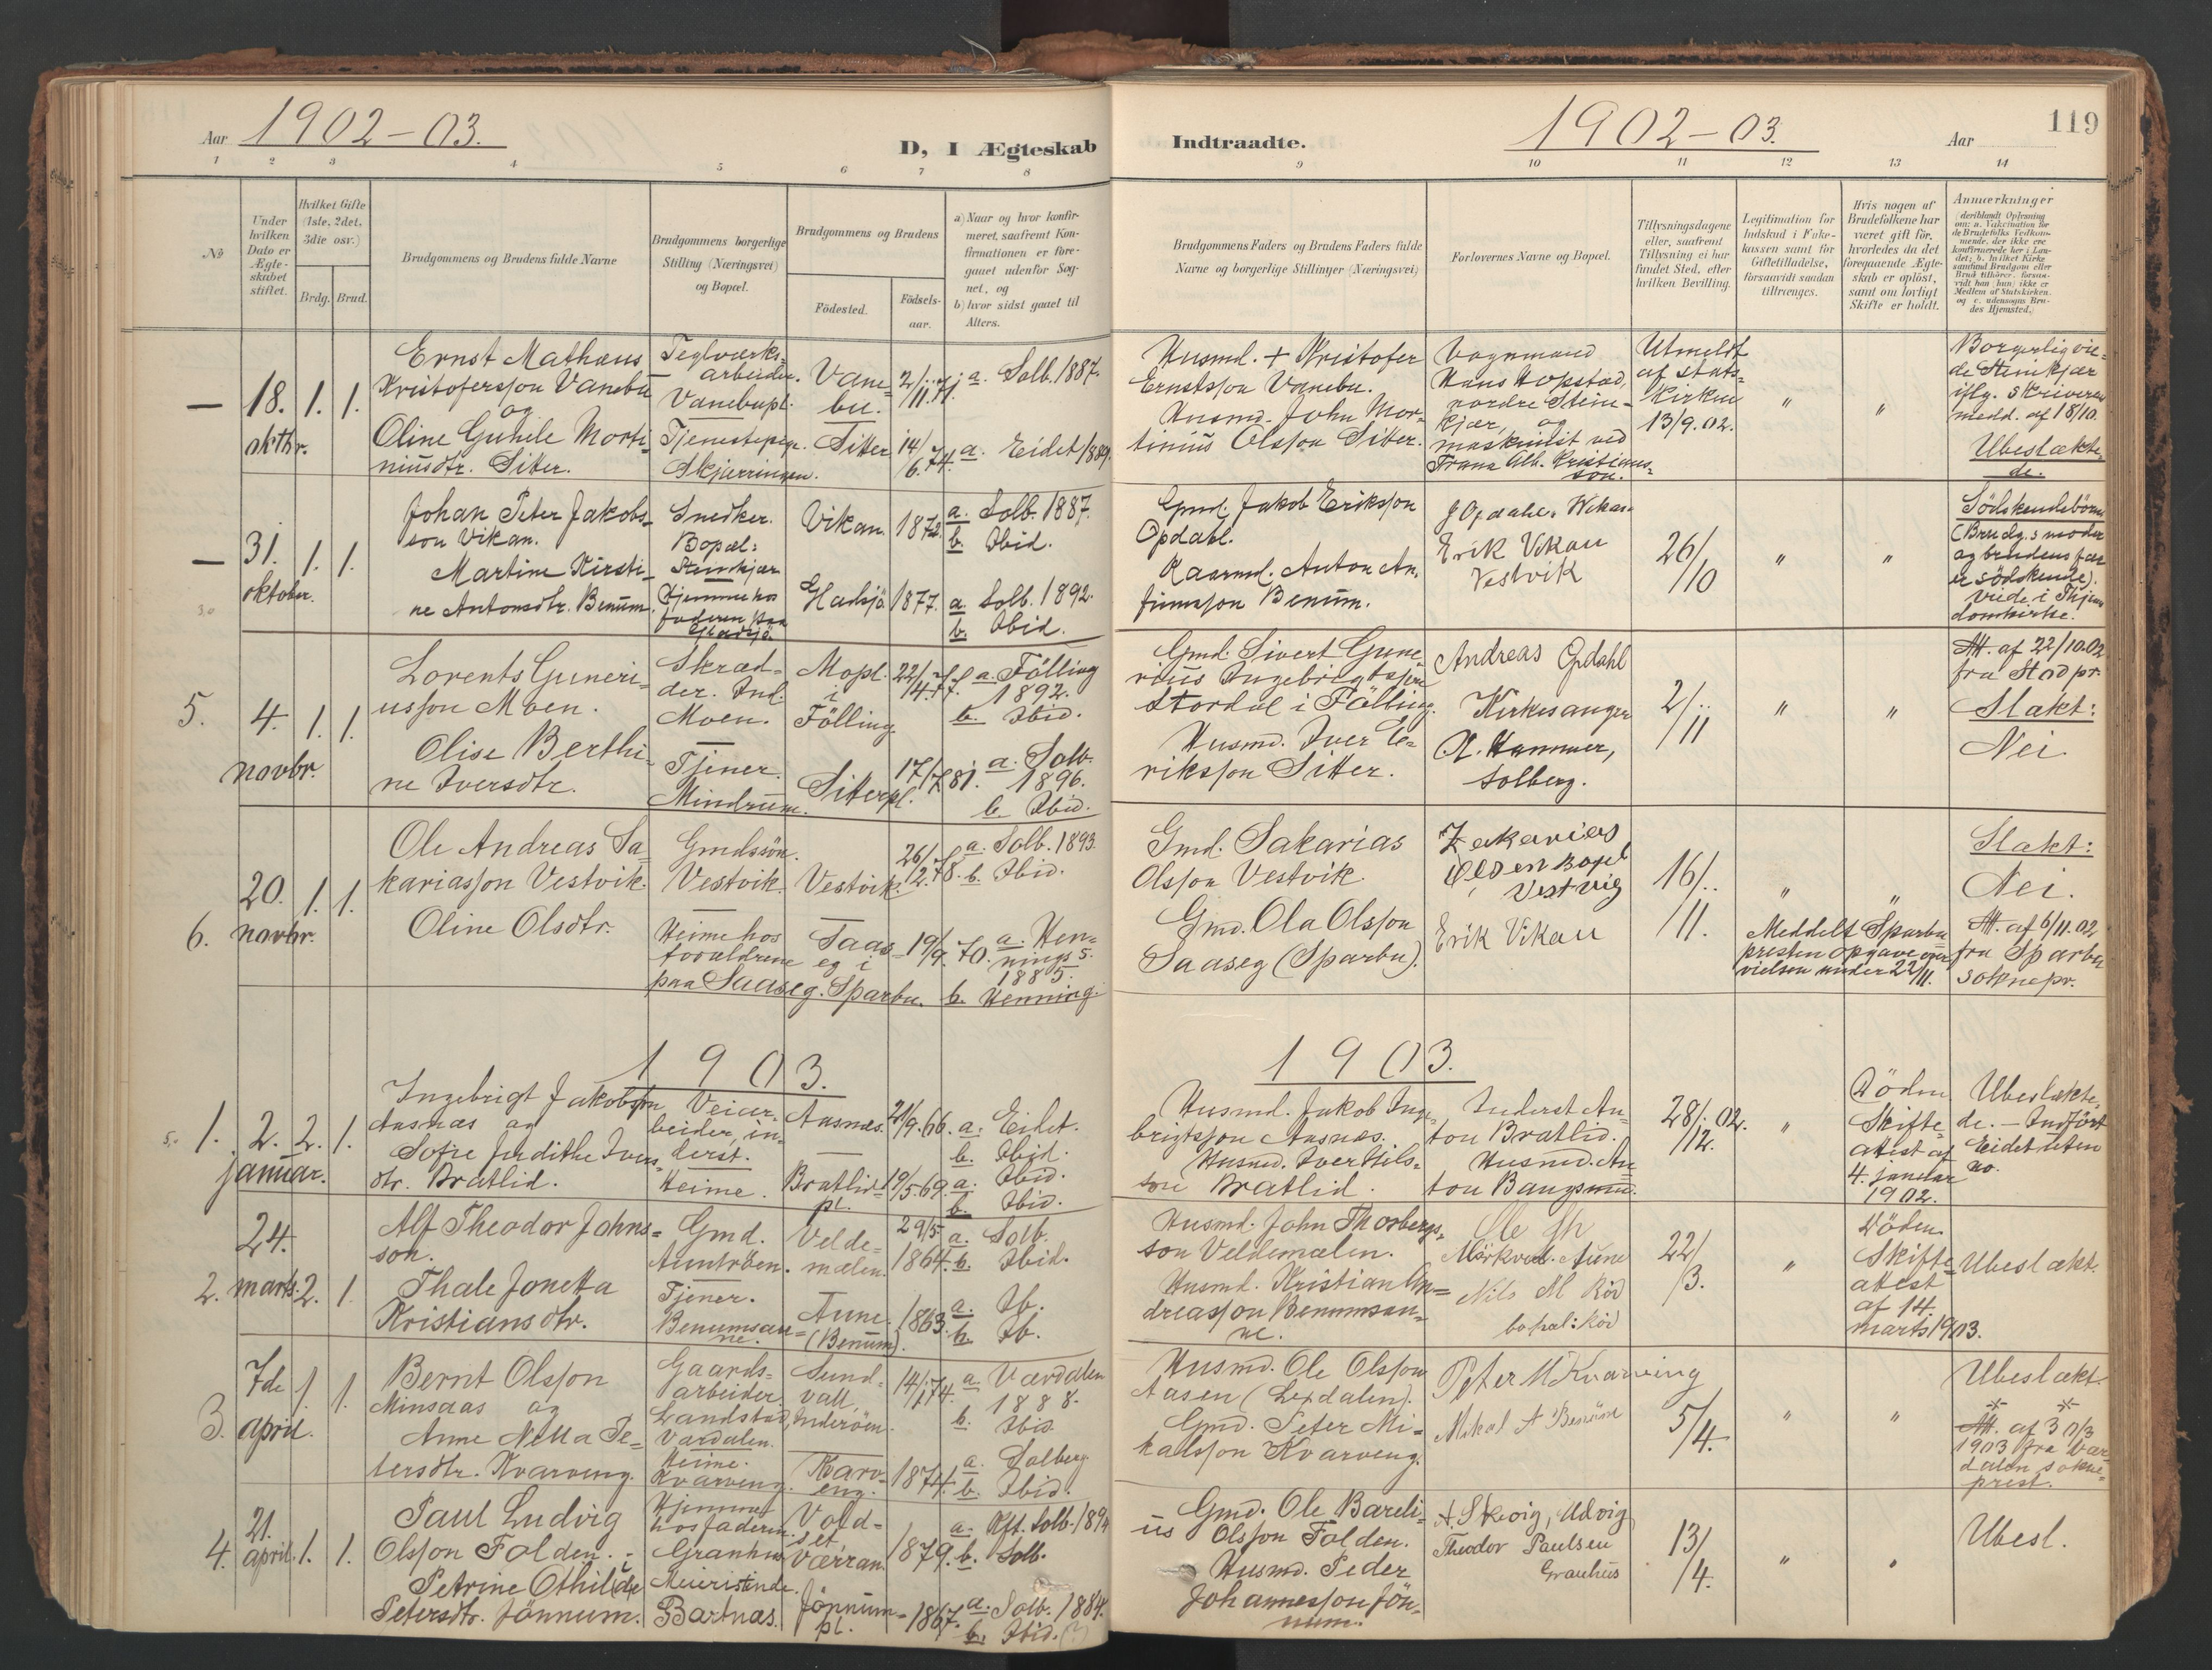 SAT, Ministerialprotokoller, klokkerbøker og fødselsregistre - Nord-Trøndelag, 741/L0397: Ministerialbok nr. 741A11, 1901-1911, s. 119